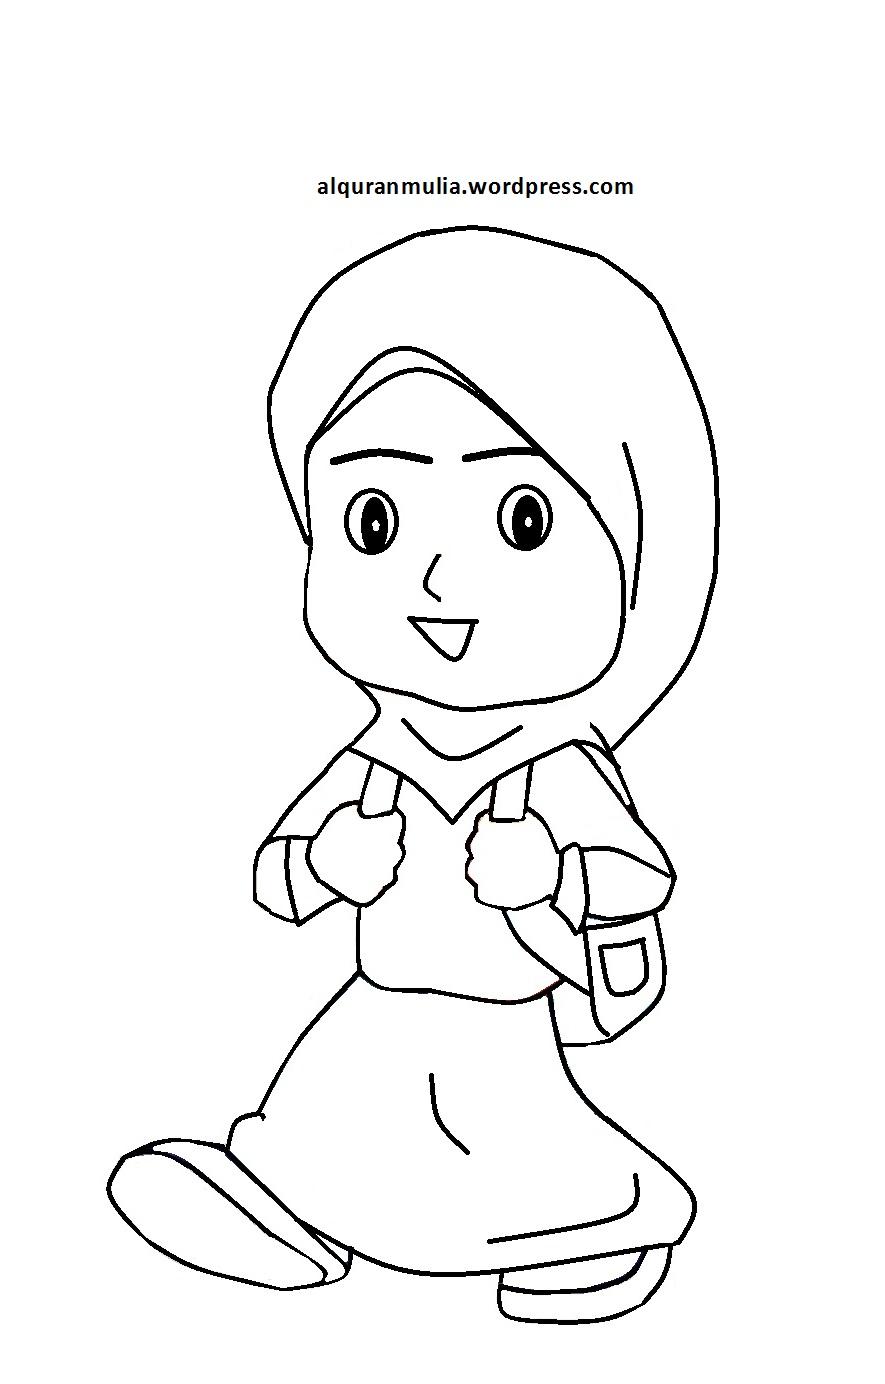 Baju pakaian busana fashion kaos baju muslim busana muslim baju anak grosir online princilia webstore termurah & terlengkap di indonesia